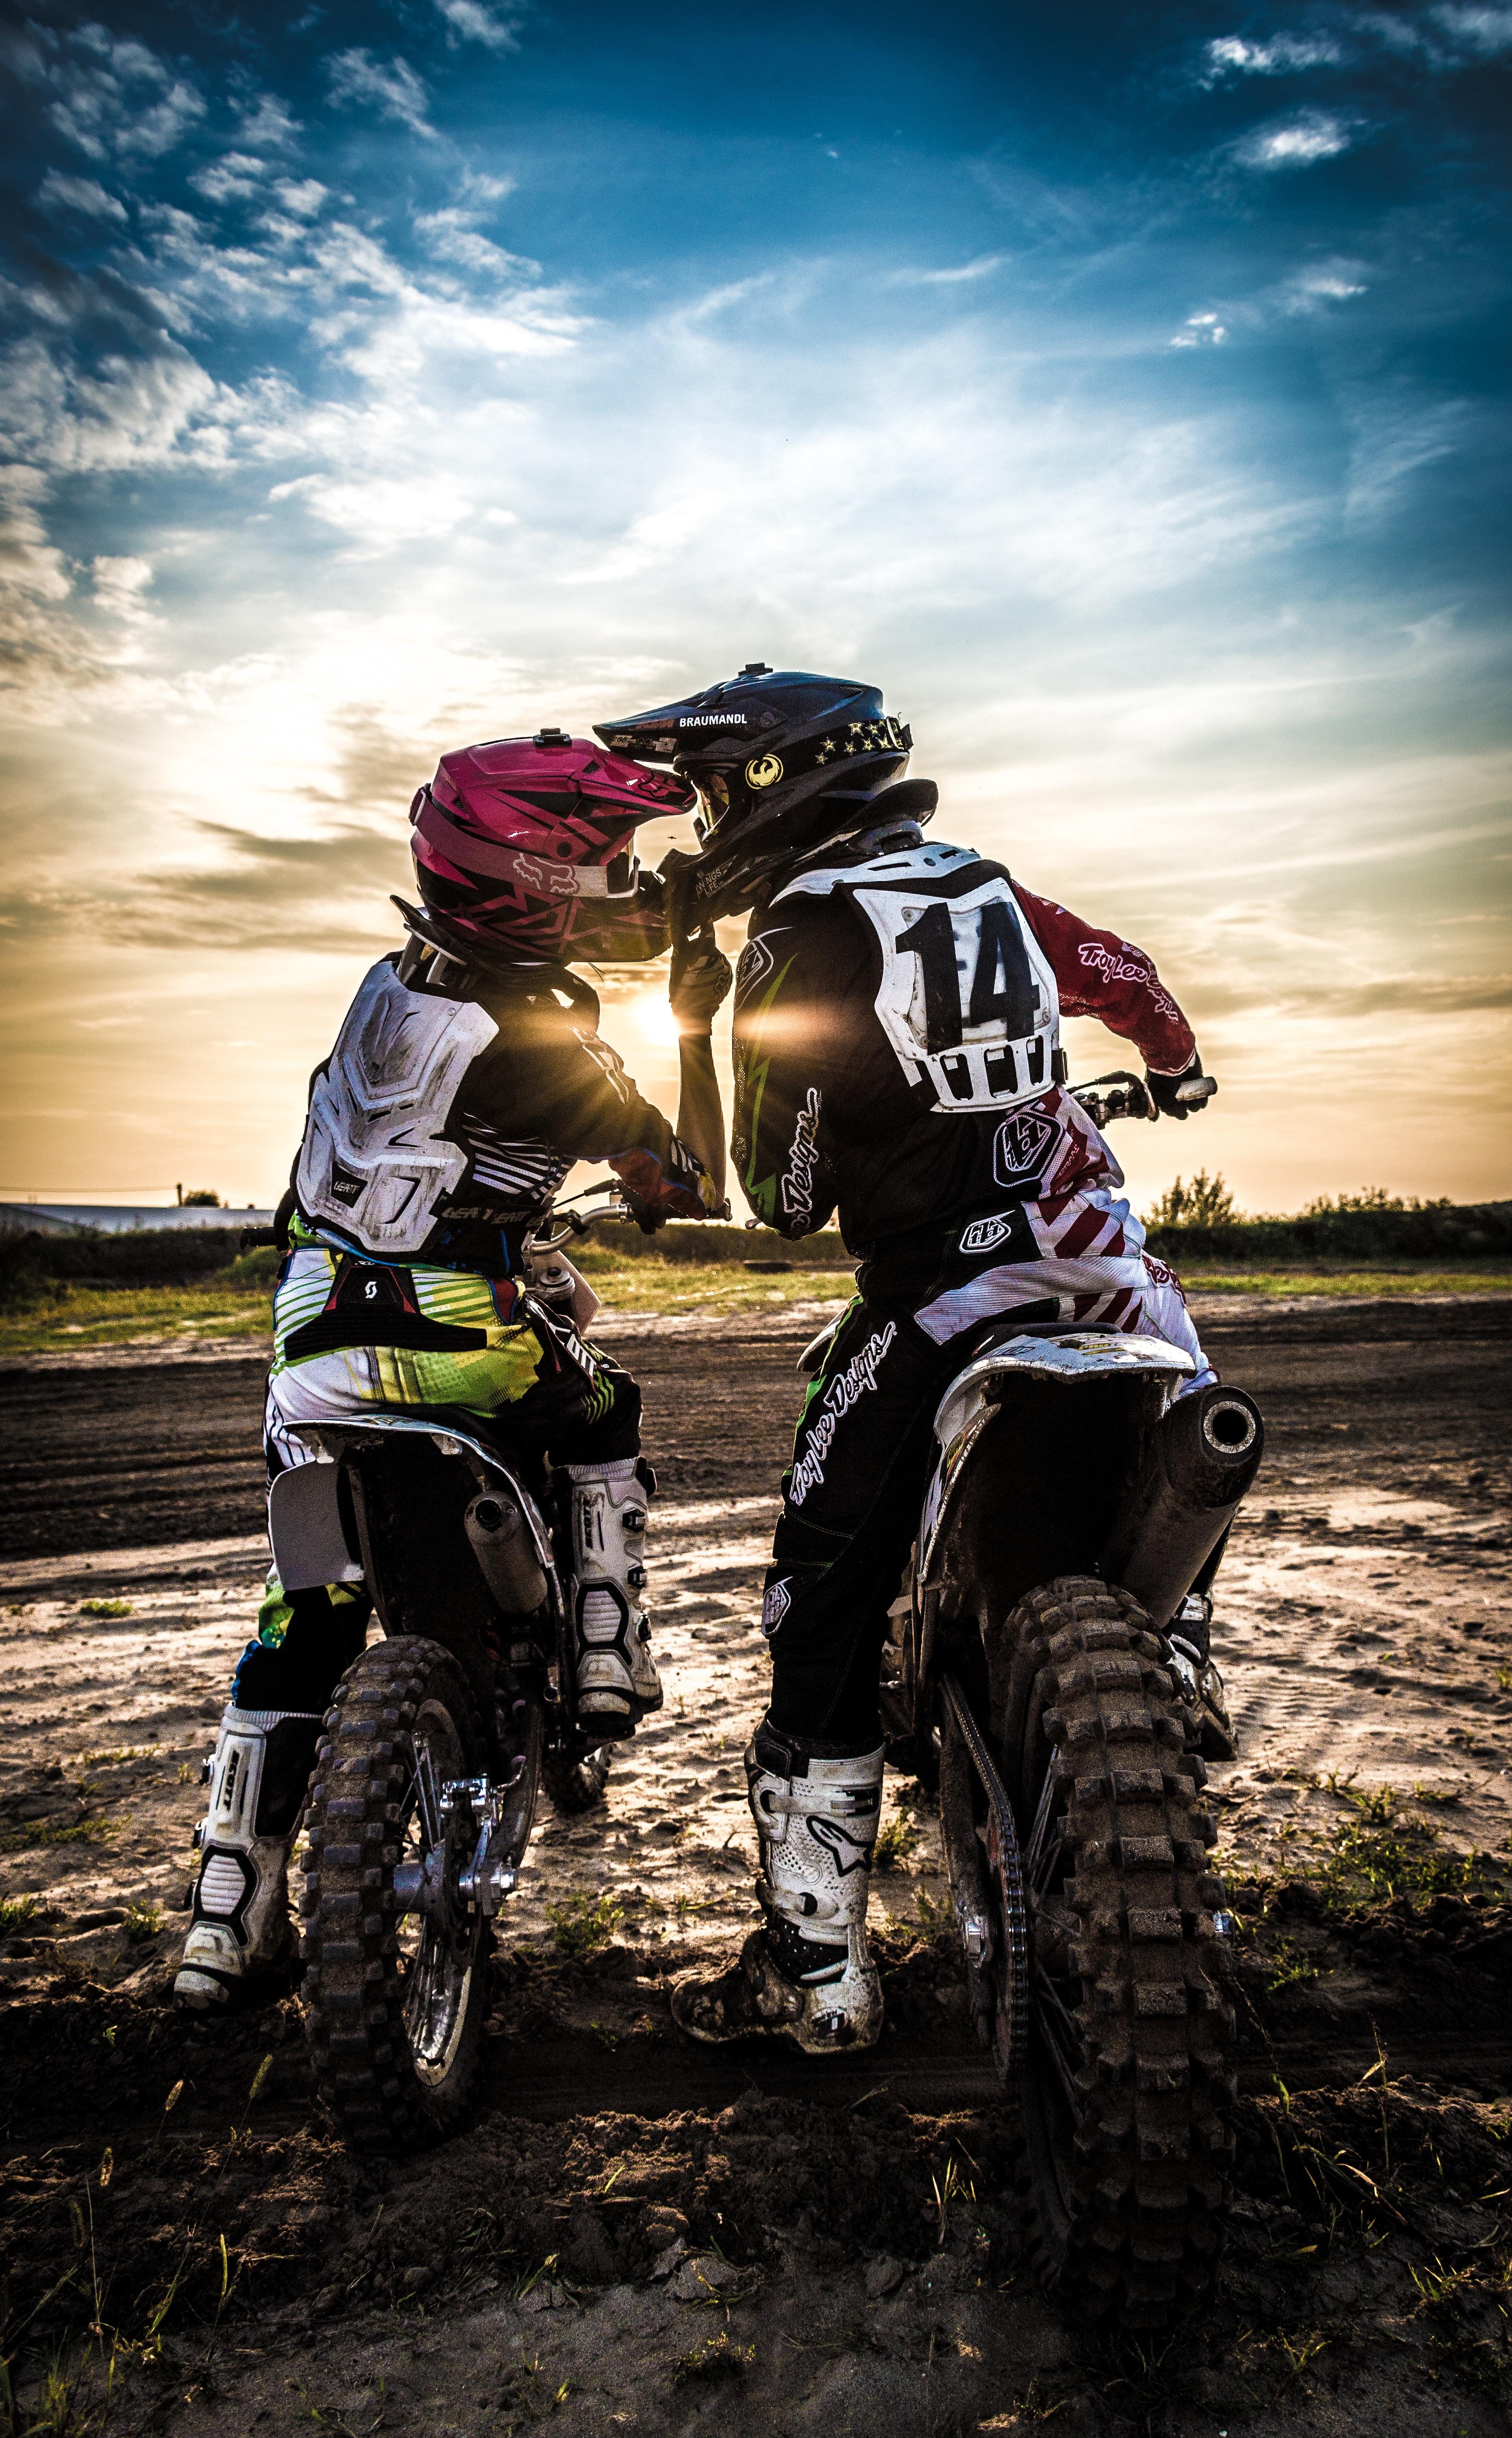 Paarfotografie / Pärchenbilder Idee: Pärchen auf Motocross-Maschinen küsst sich